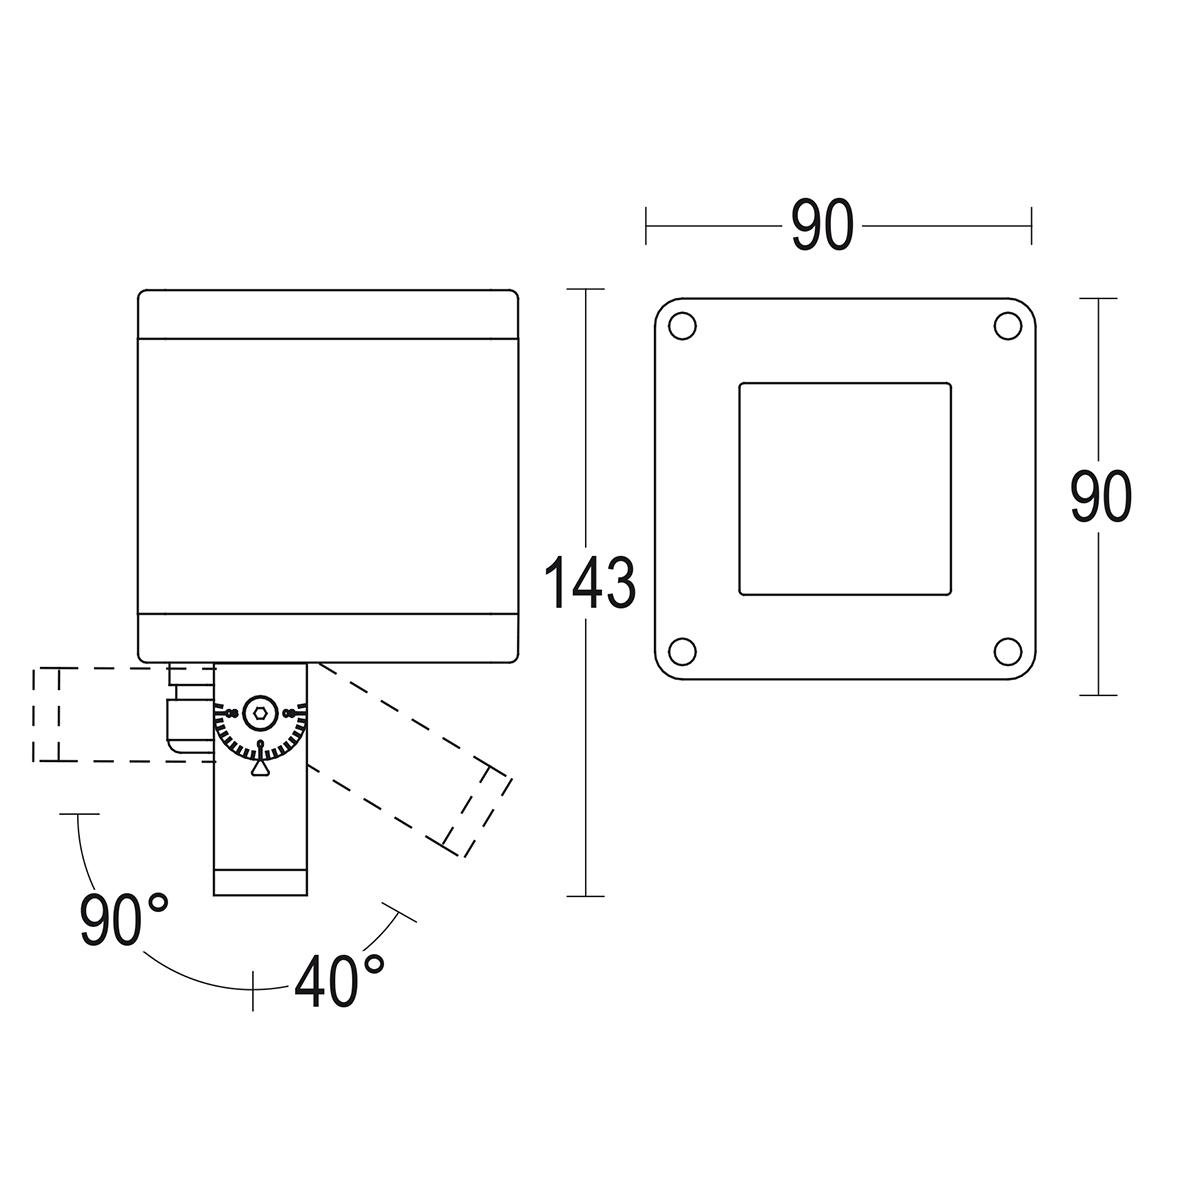 чертеж Microfaro spot 90 Ghidini уличный светильник GH1132.AHFT300EN